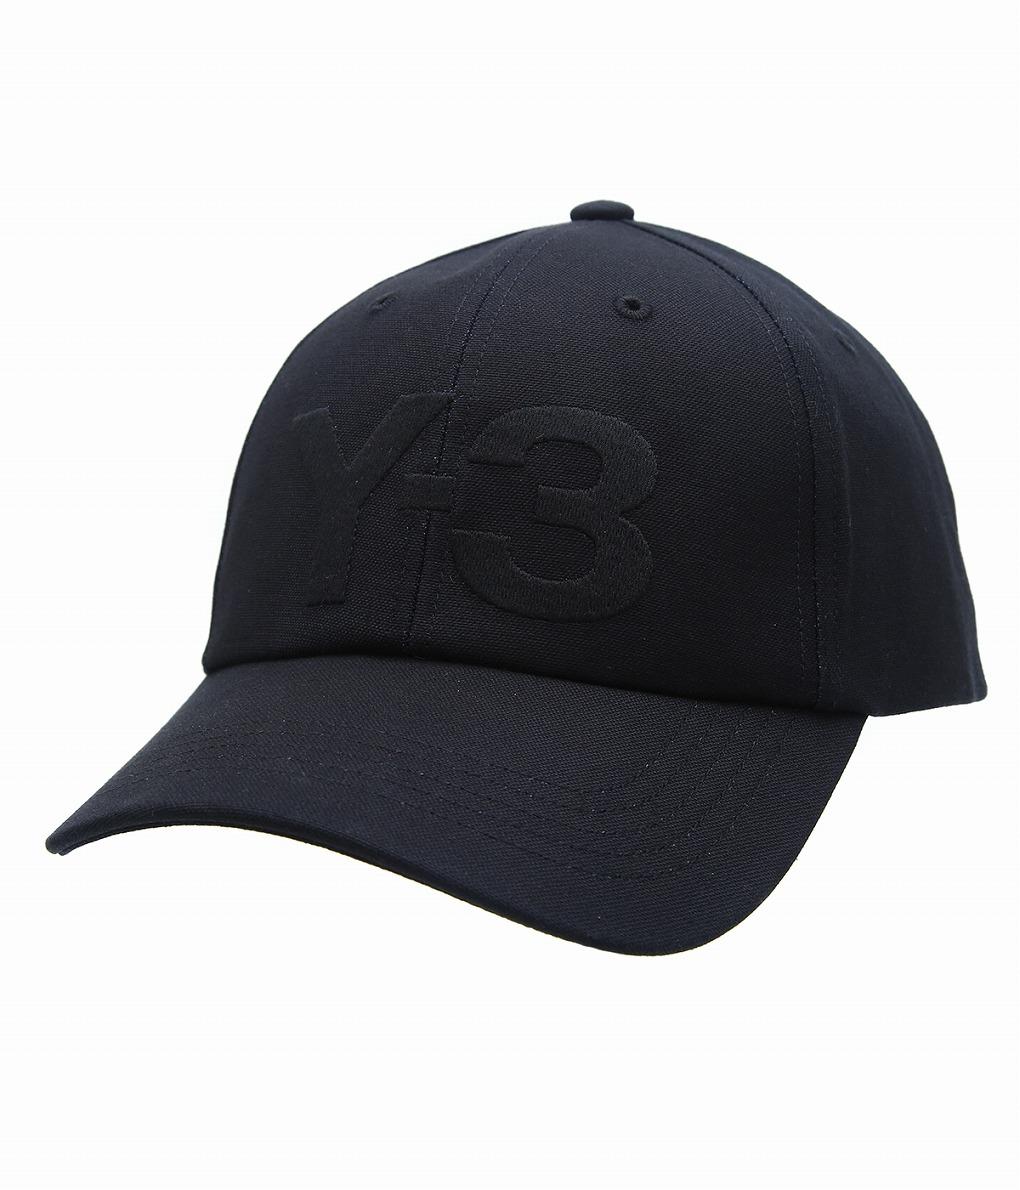 Y-3 / ワイスリー : LOGO CAP : ロゴ キャップ ヨウジヤマモト ワイスリー 20SS 20春夏 : FQ6974 【WAX】